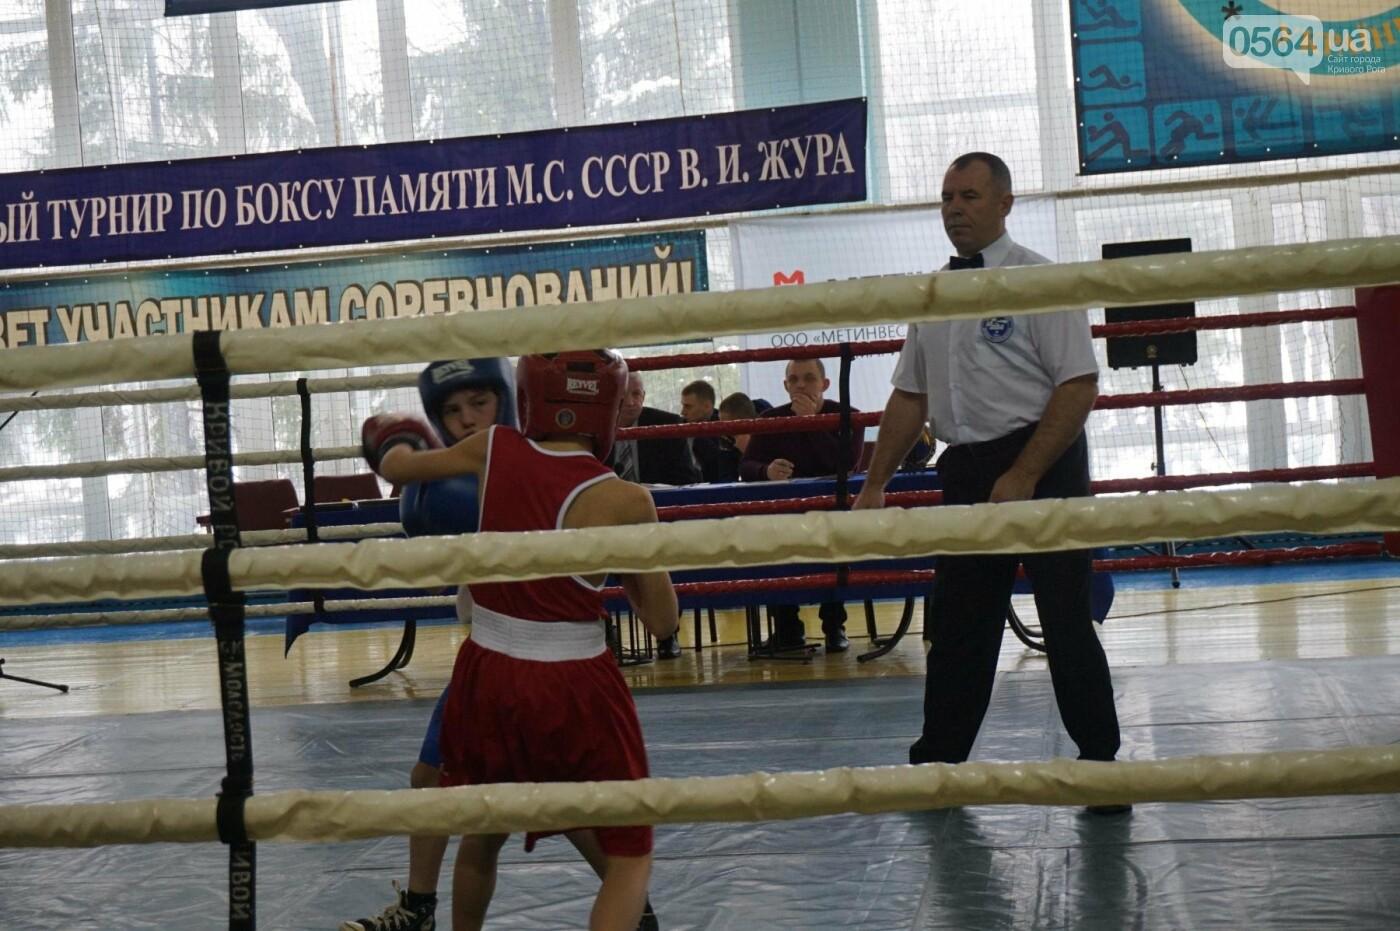 В Кривом Роге состоялся Международный турнир по боксу (ФОТО, ВИДЕО), фото-43